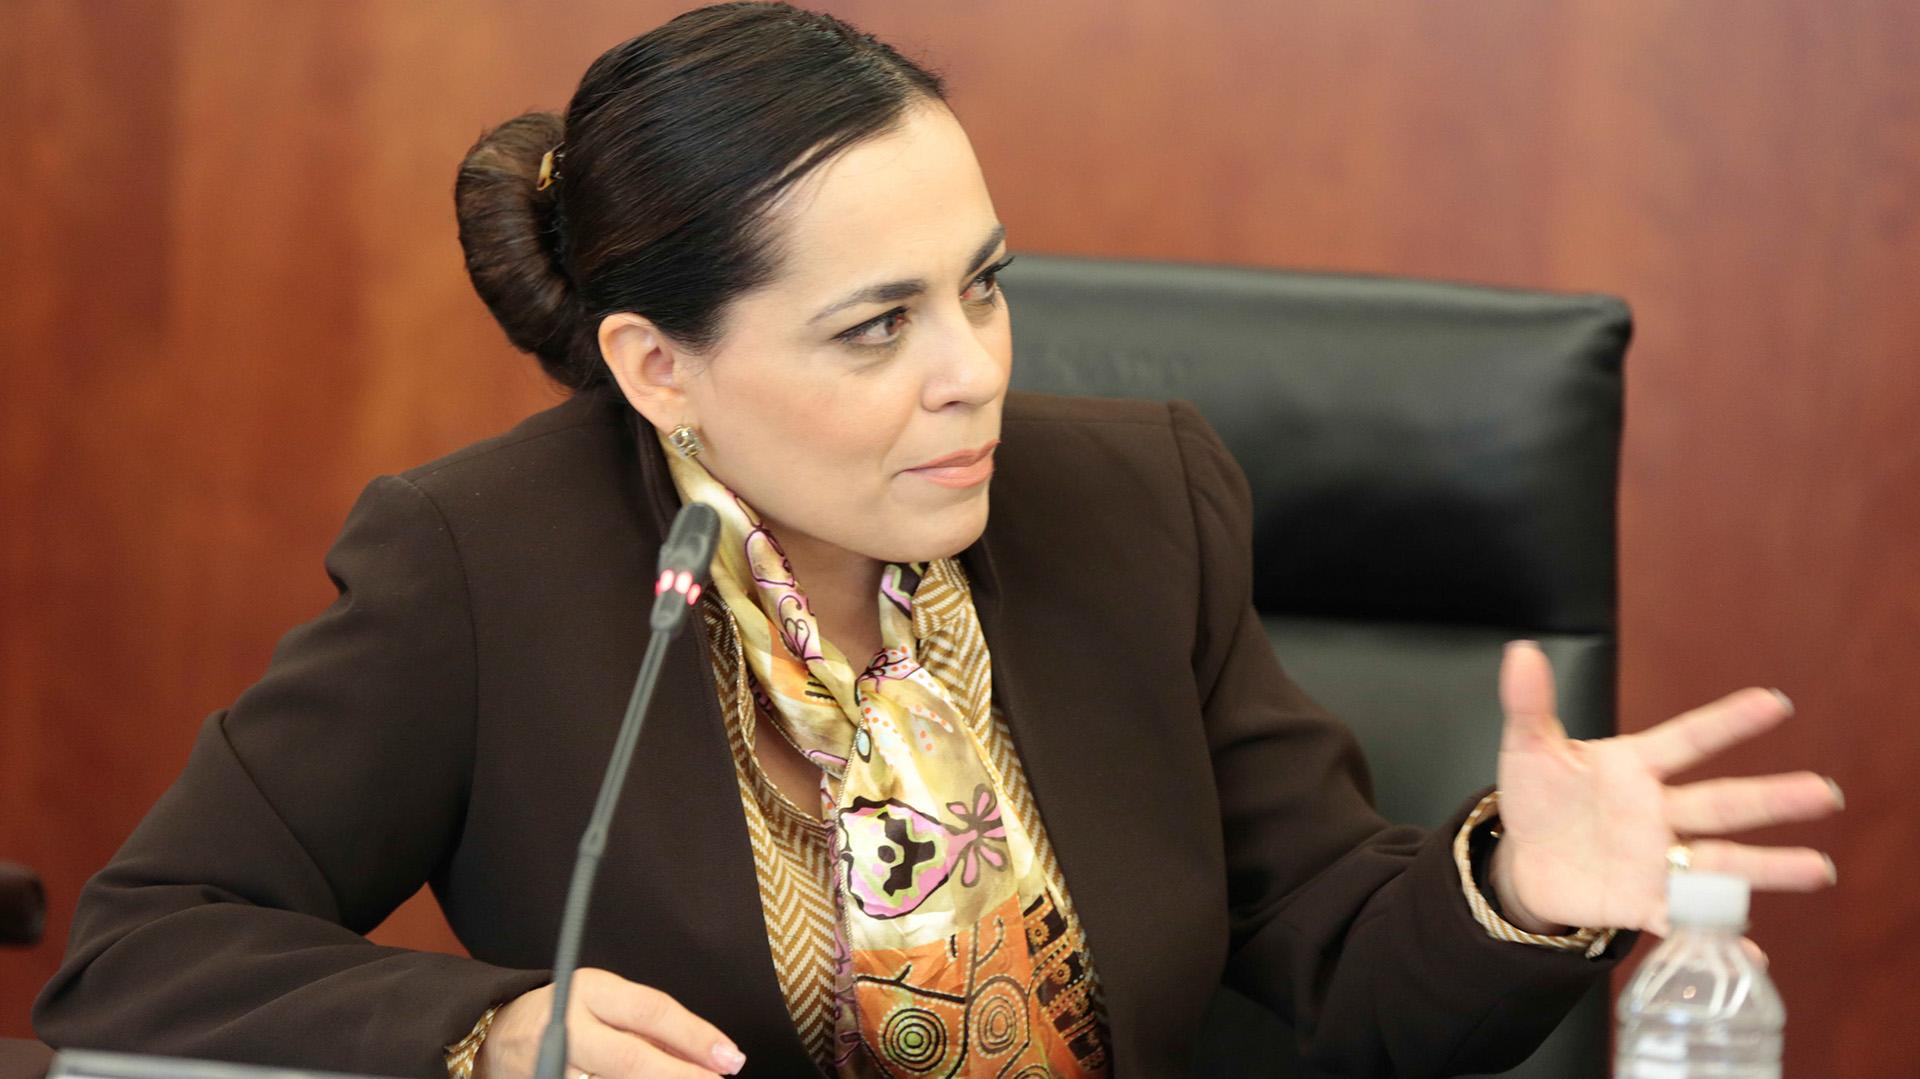 La advertencia hacia los jueces fue dada a conocer por el diario Reforma, que posee un audio con la declaración de la magistrada Claudia Mavel Curiel López. (Foto: Cuartoscuro)